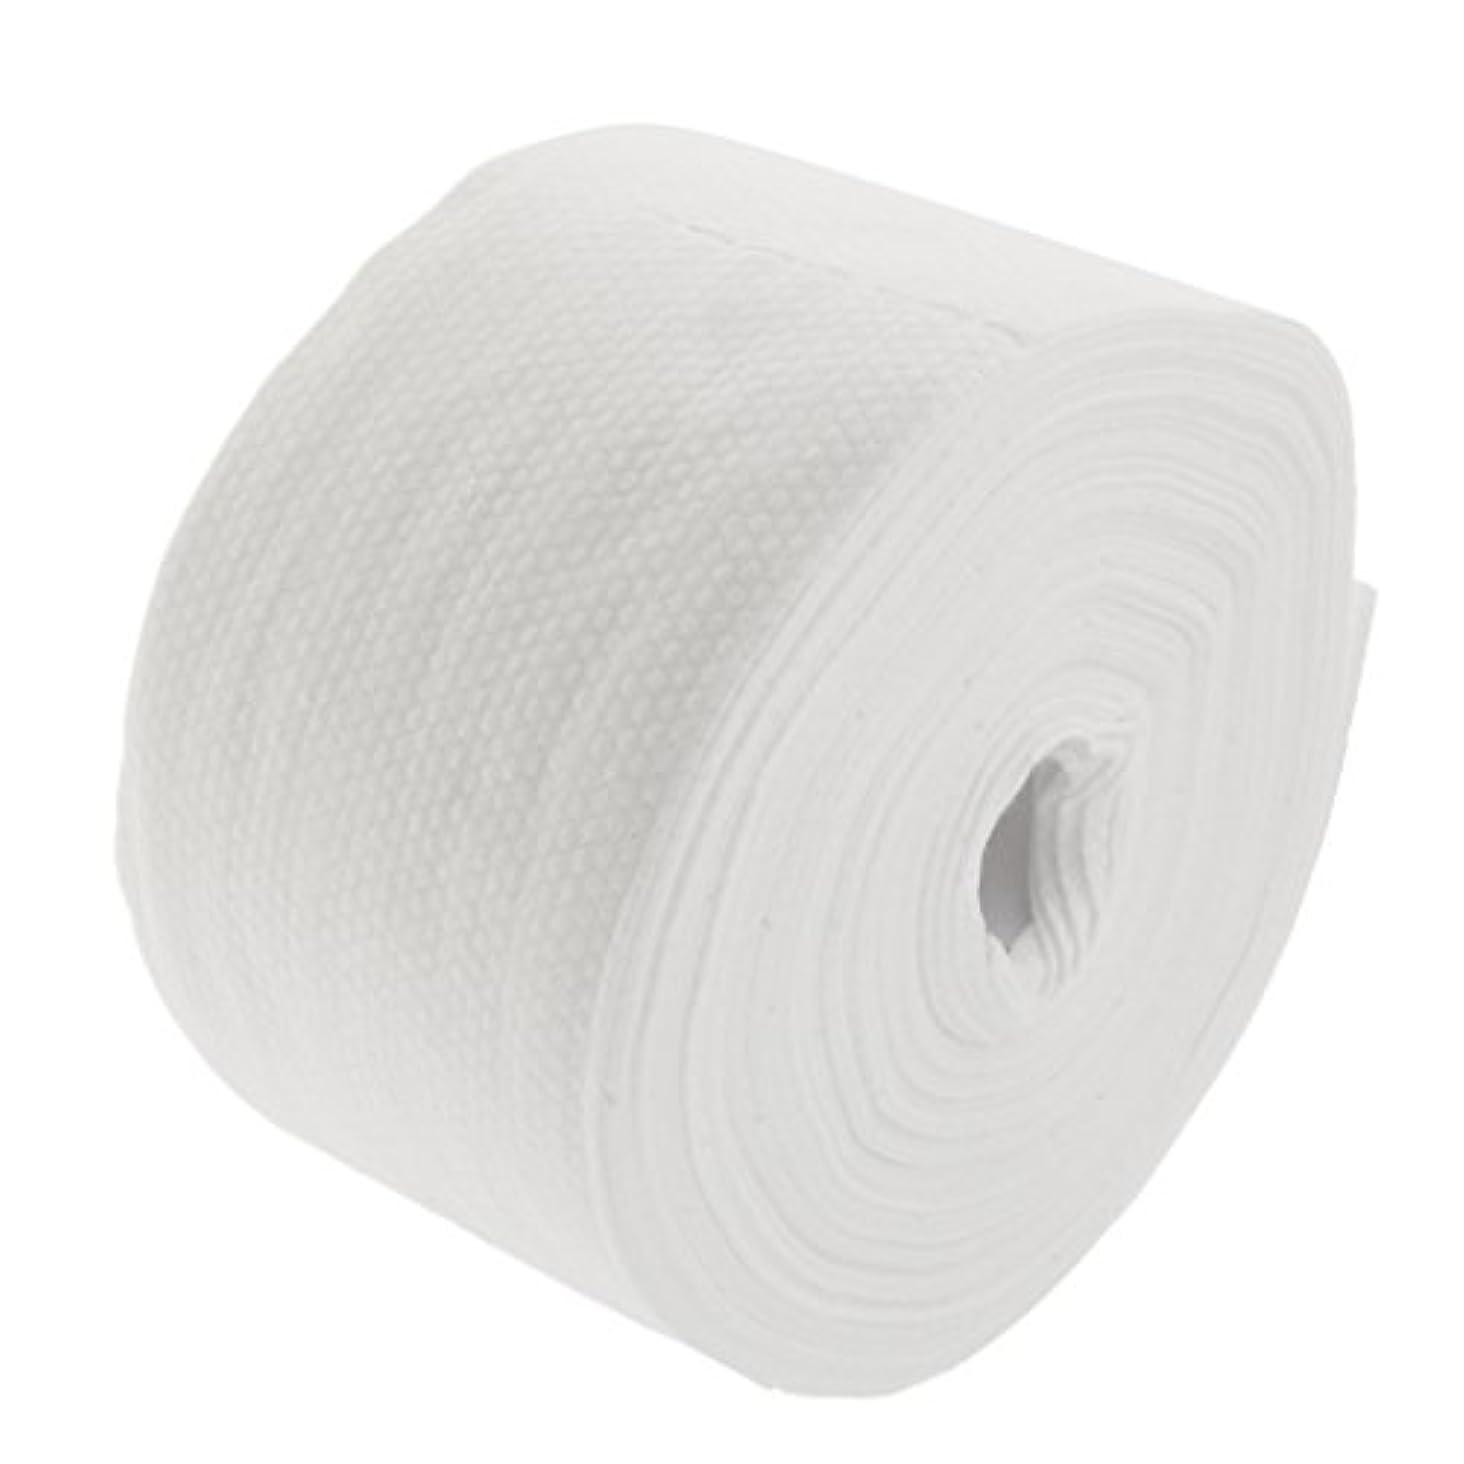 欠点致命的なジムロール式 使い捨て フェイシャルタオル 30M 使い捨てタオル 繊維 クレンジング フェイシャル メイクリムーバー 2タイプ選べる - #2